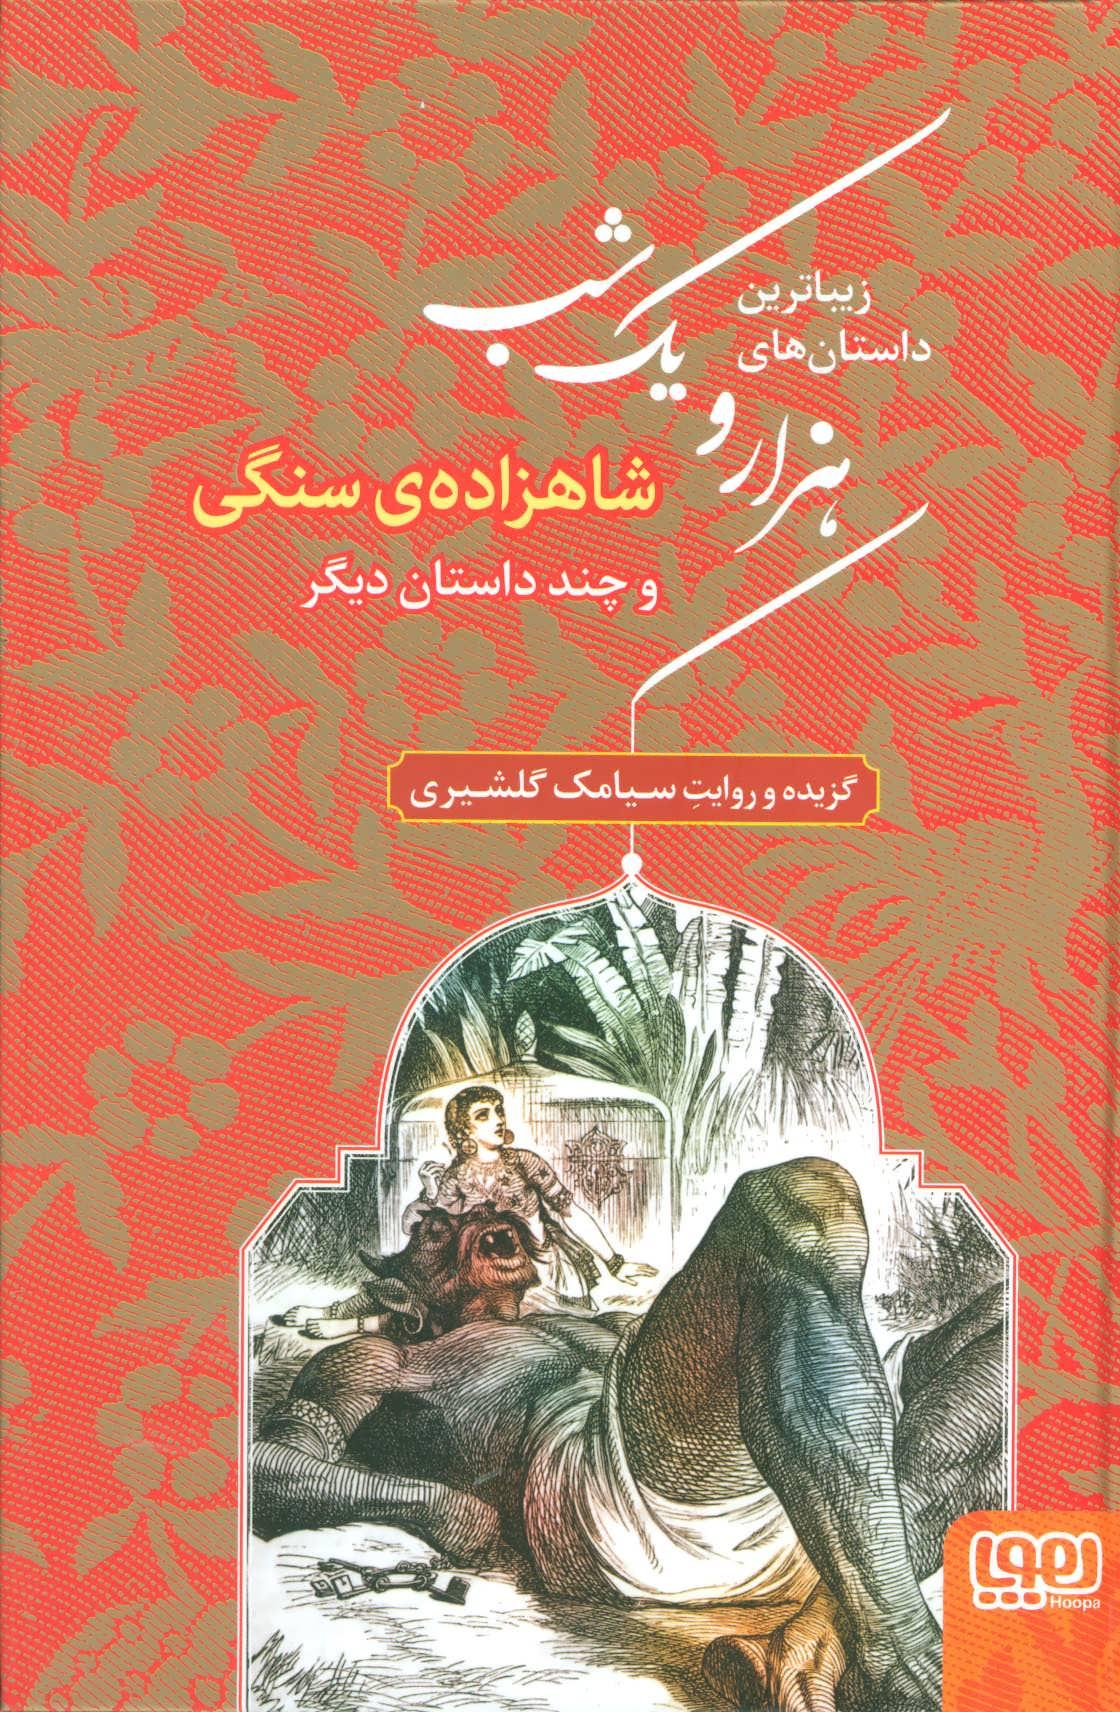 زیباترین داستان های هزار و یک شب 1 (شاهزاده ی سنگی و چند داستان دیگر)